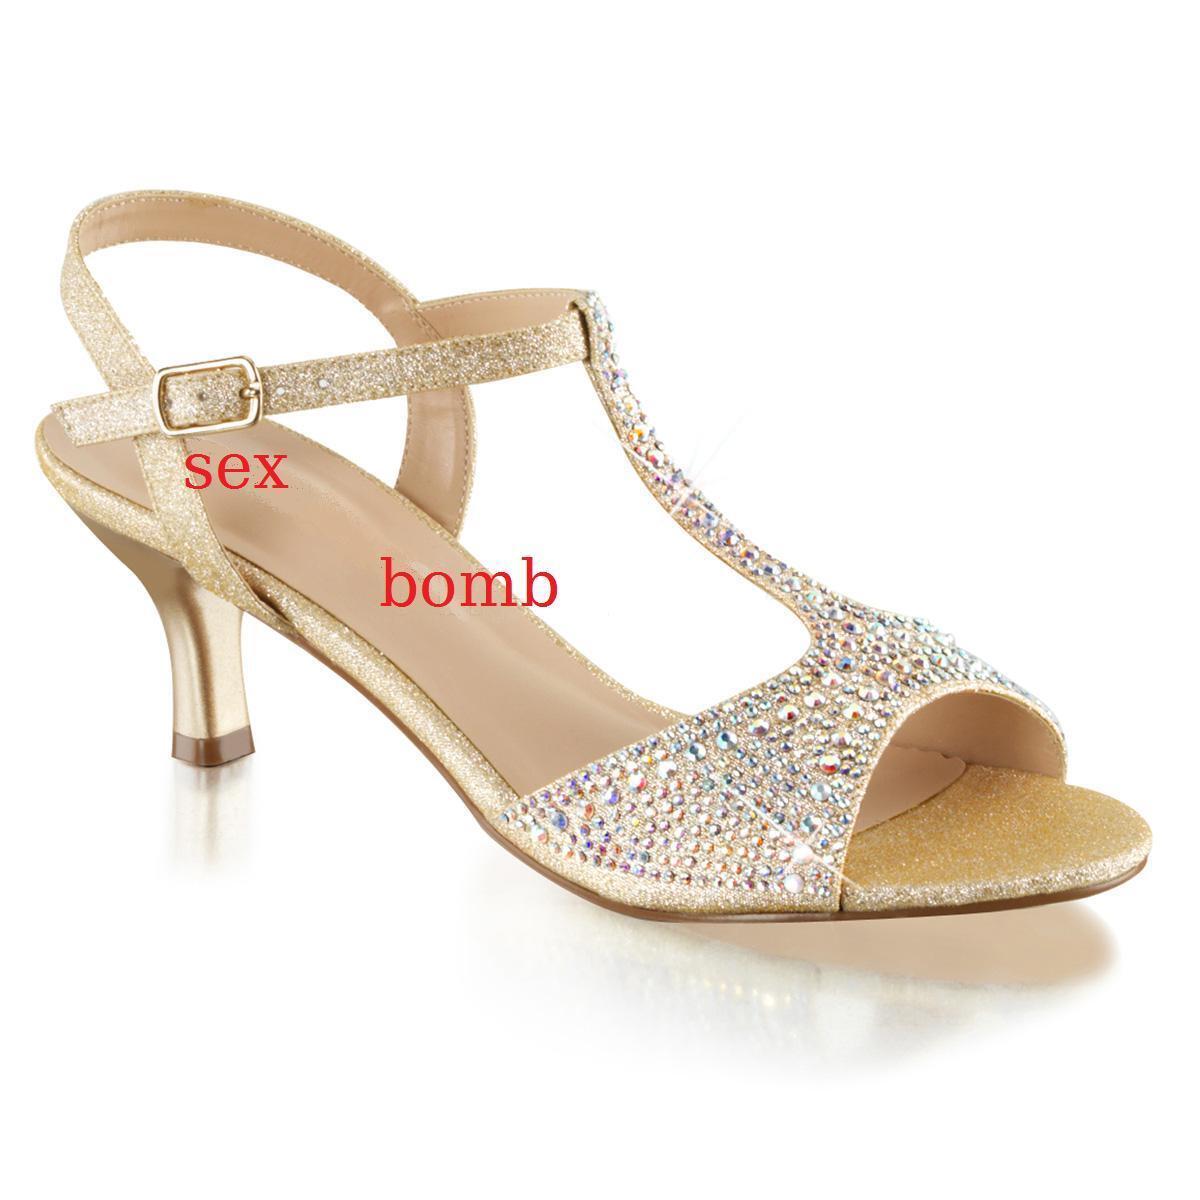 SEXY Sandale STRASS tacco 6 41 cm dal 35 al 41 6 NUDO cinturino CHIC fashion GLAMOUR 84e04f